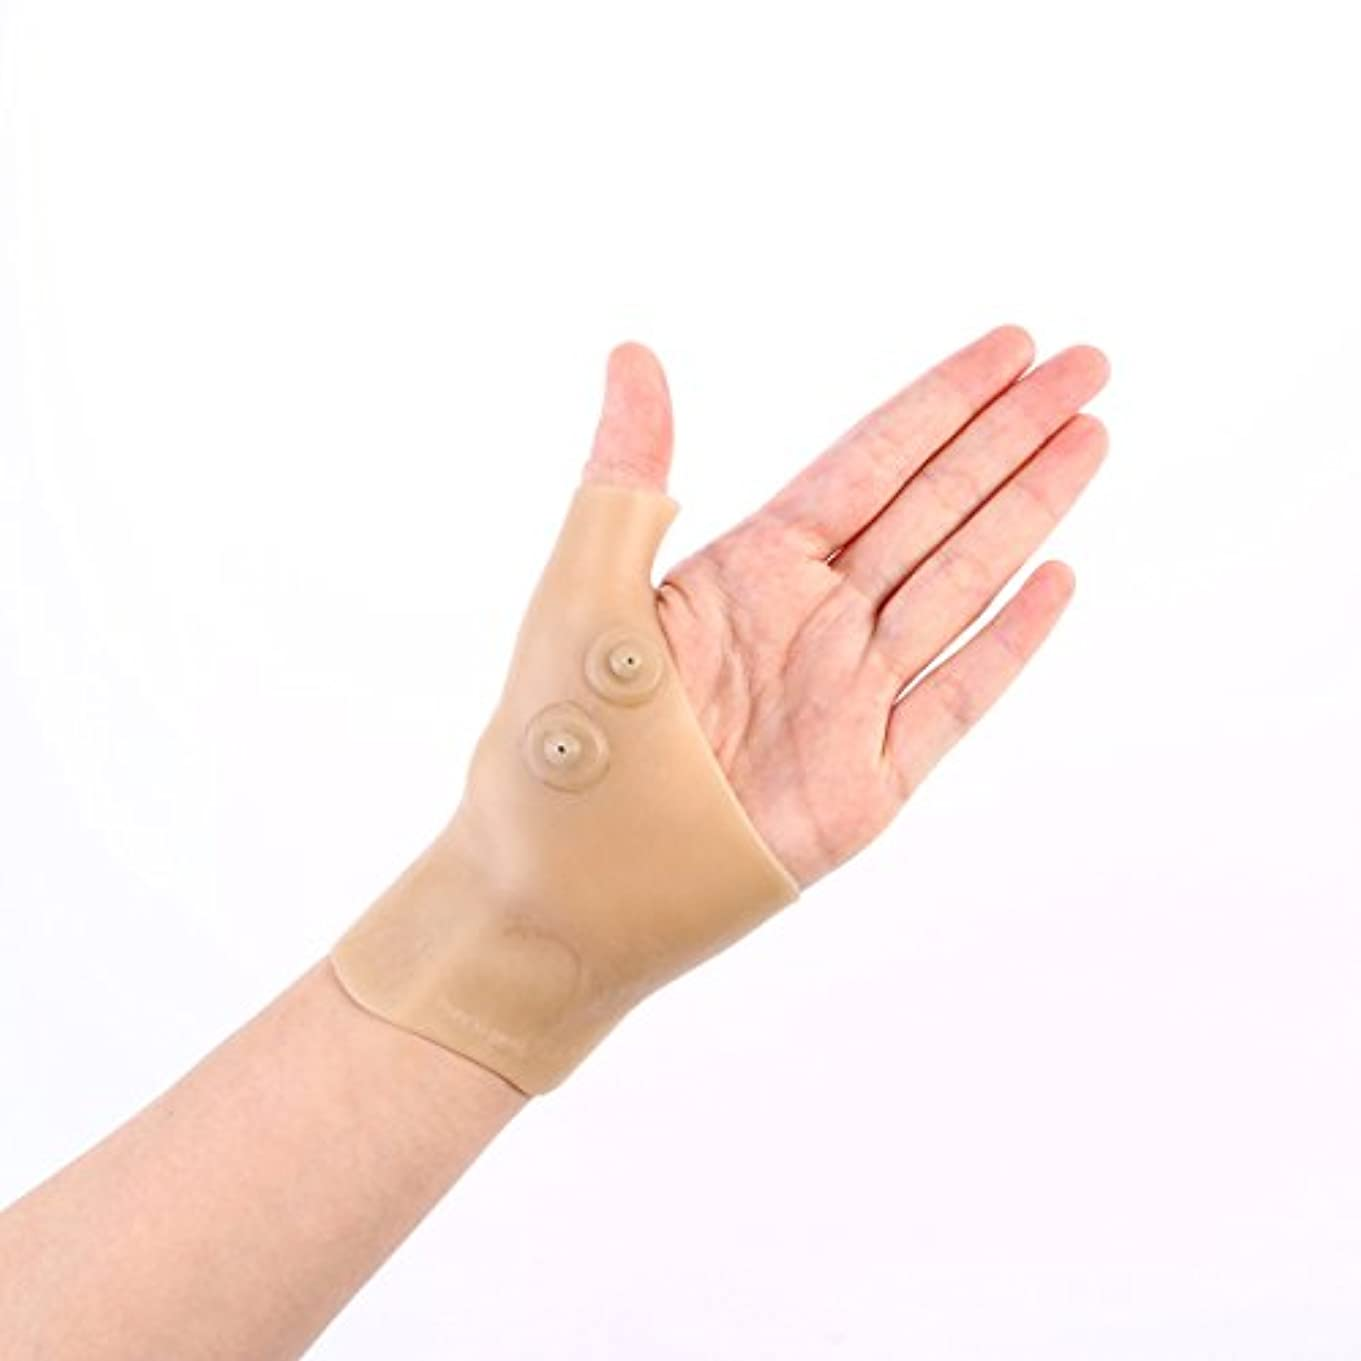 受粉者精算週間Healifty 首サポートブレース シリコンゲル 腱鞘炎 バネ指 手首の親指の痛みを和らげる 2個